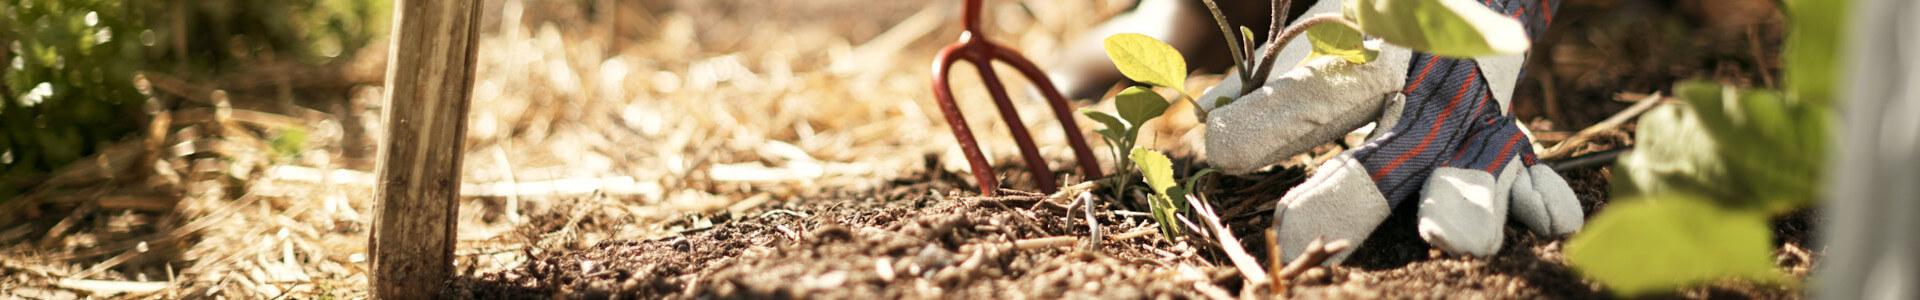 Beet und Gartenhandschuh